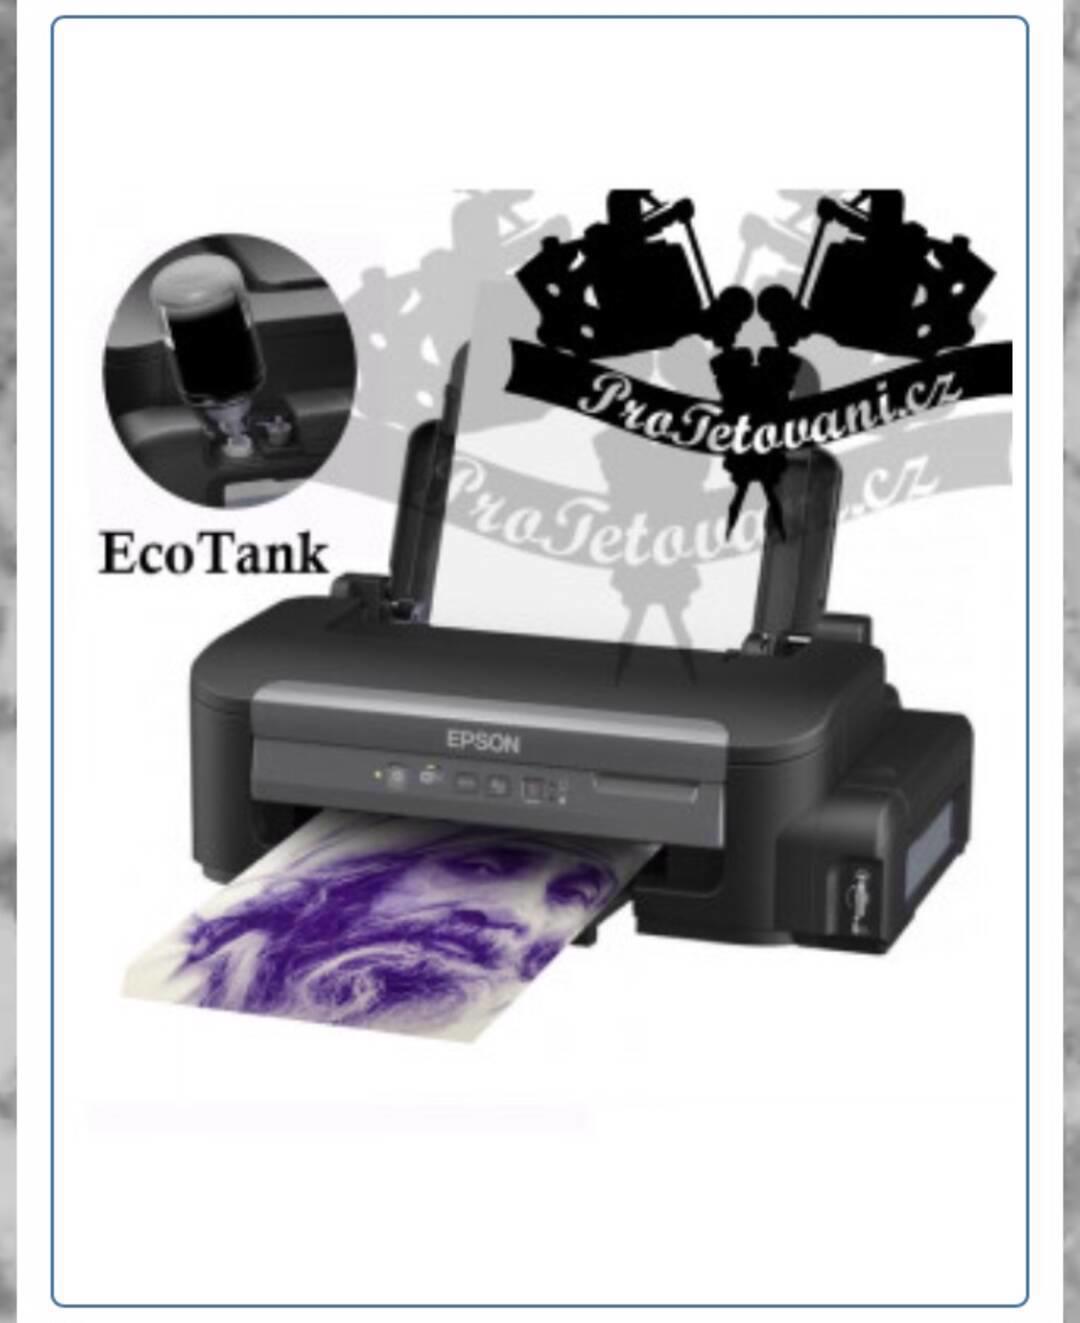 Tiskarna pro prenos tetovacich motivu - foto 1